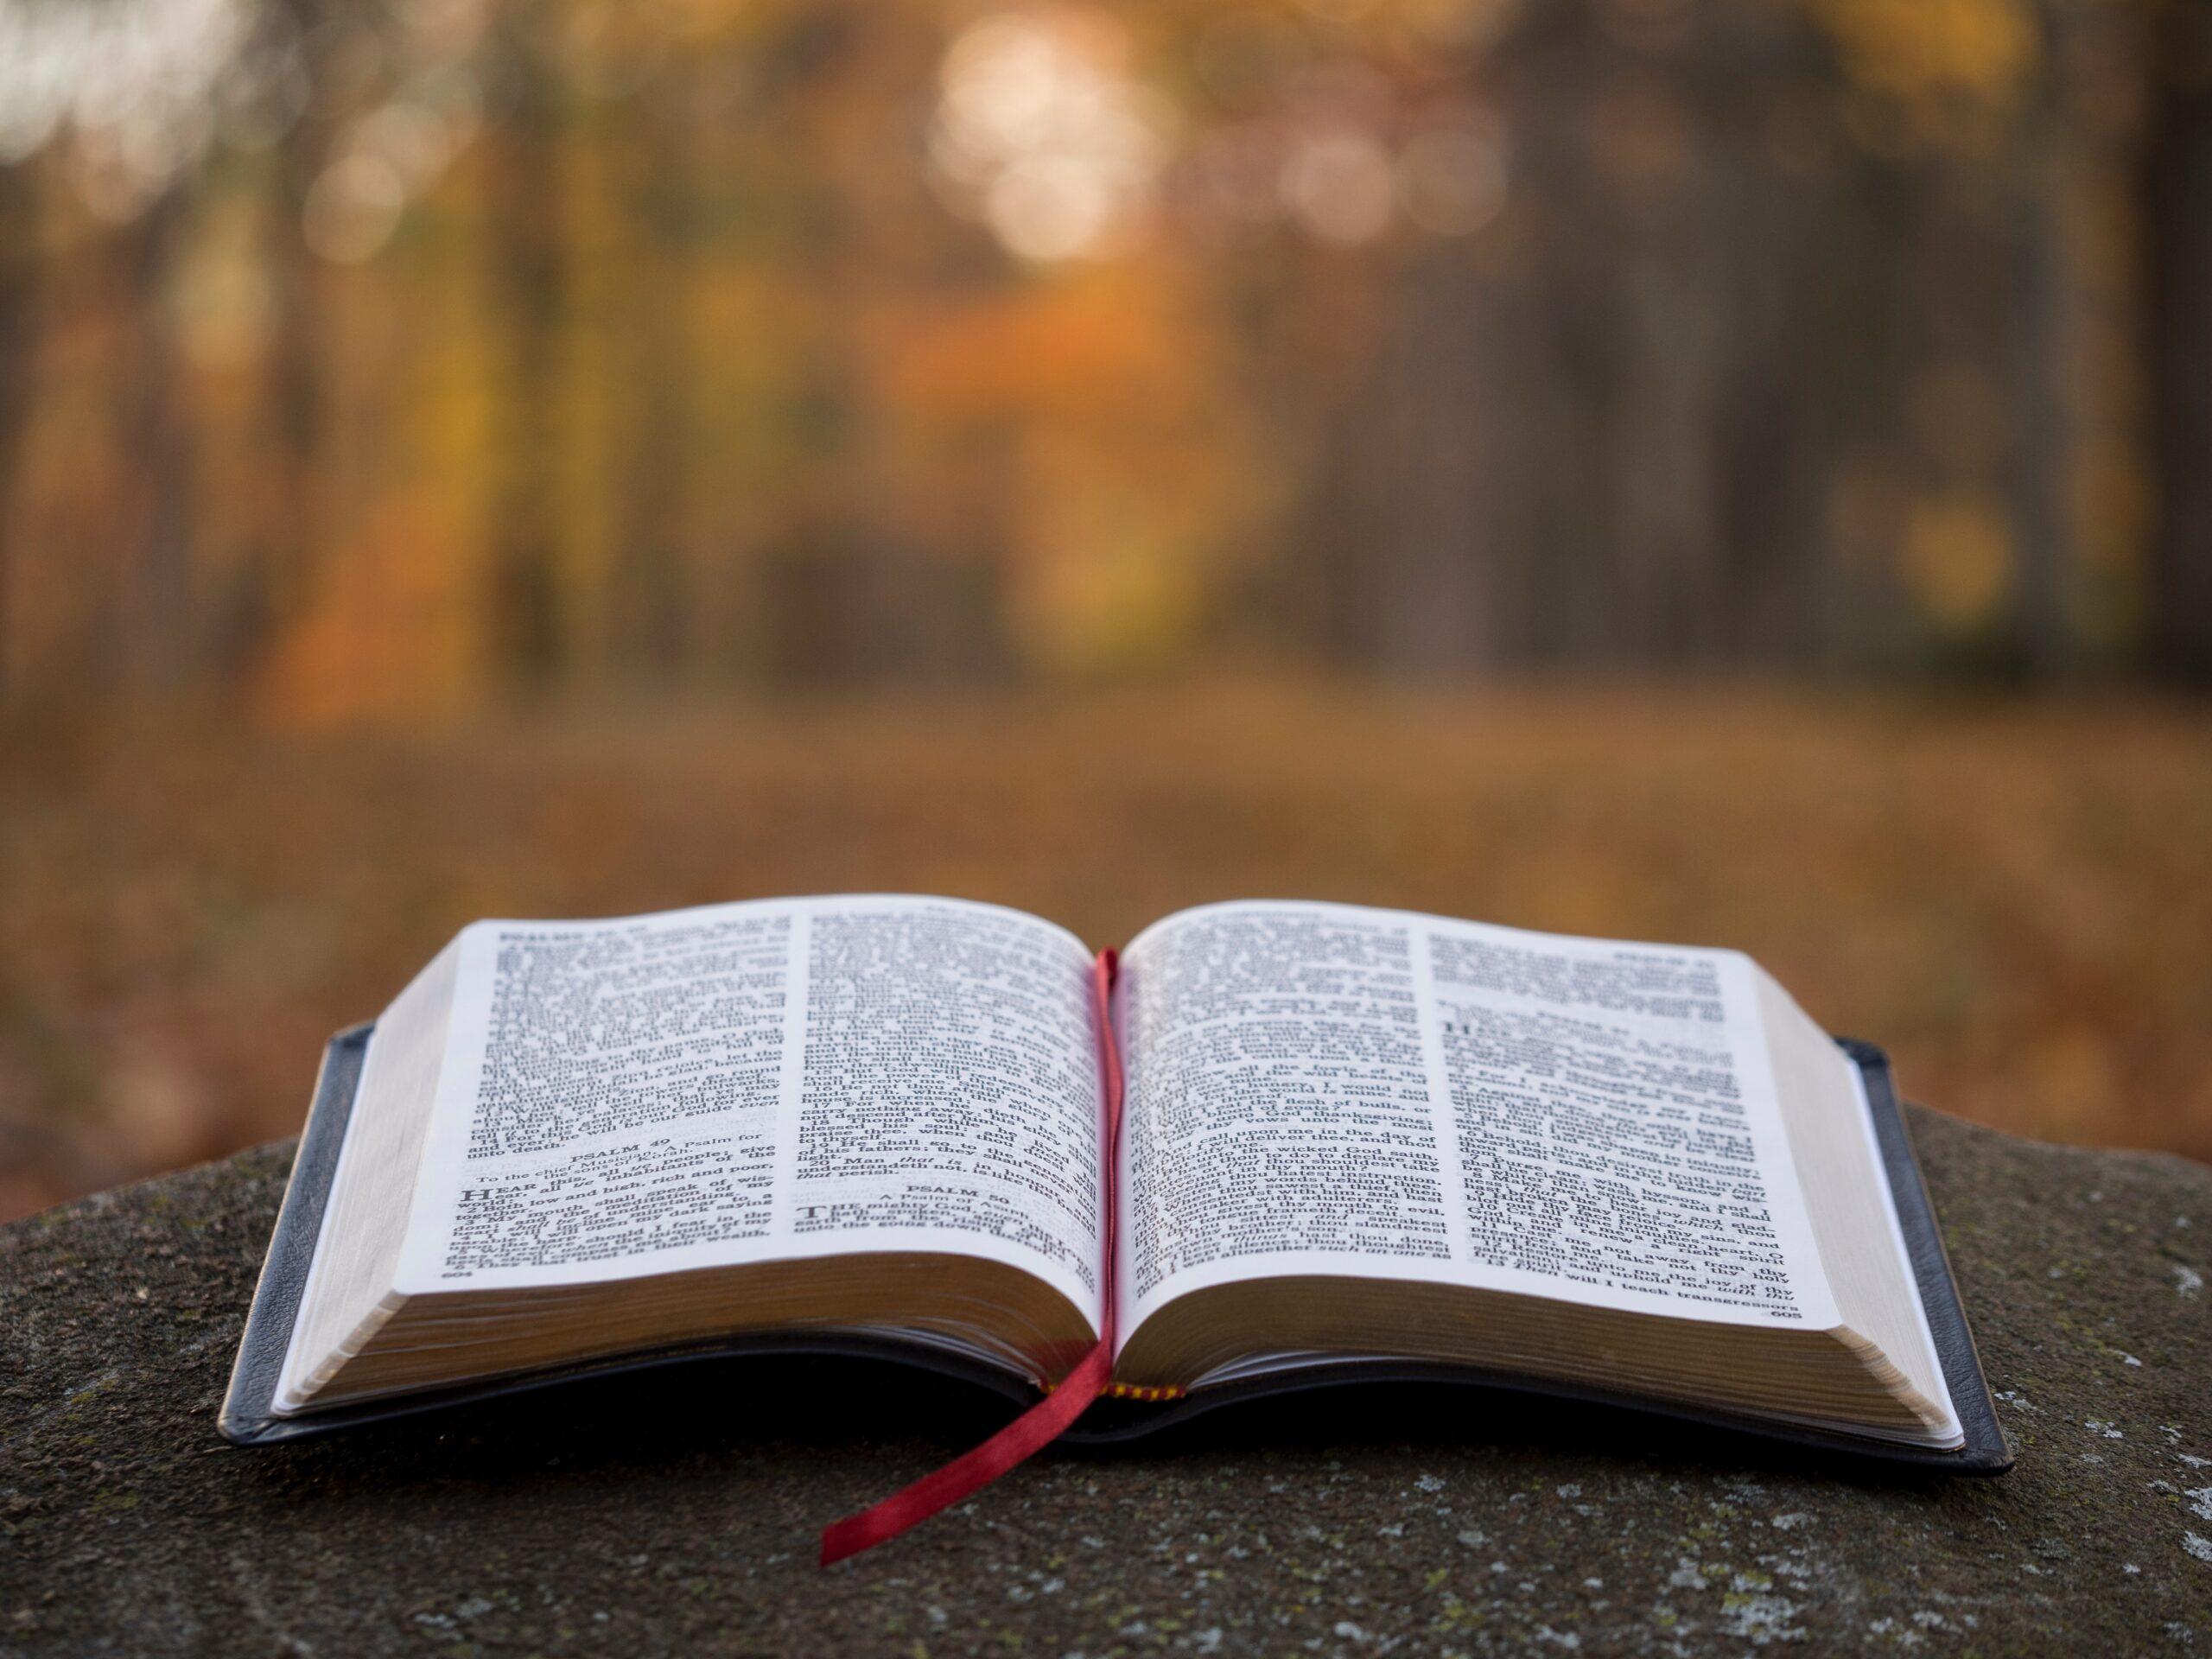 Reflexiones de Esperanza: El Arca del Pacto – Parte 9: La agenda después de la cueva (Un preludio a la adoración)